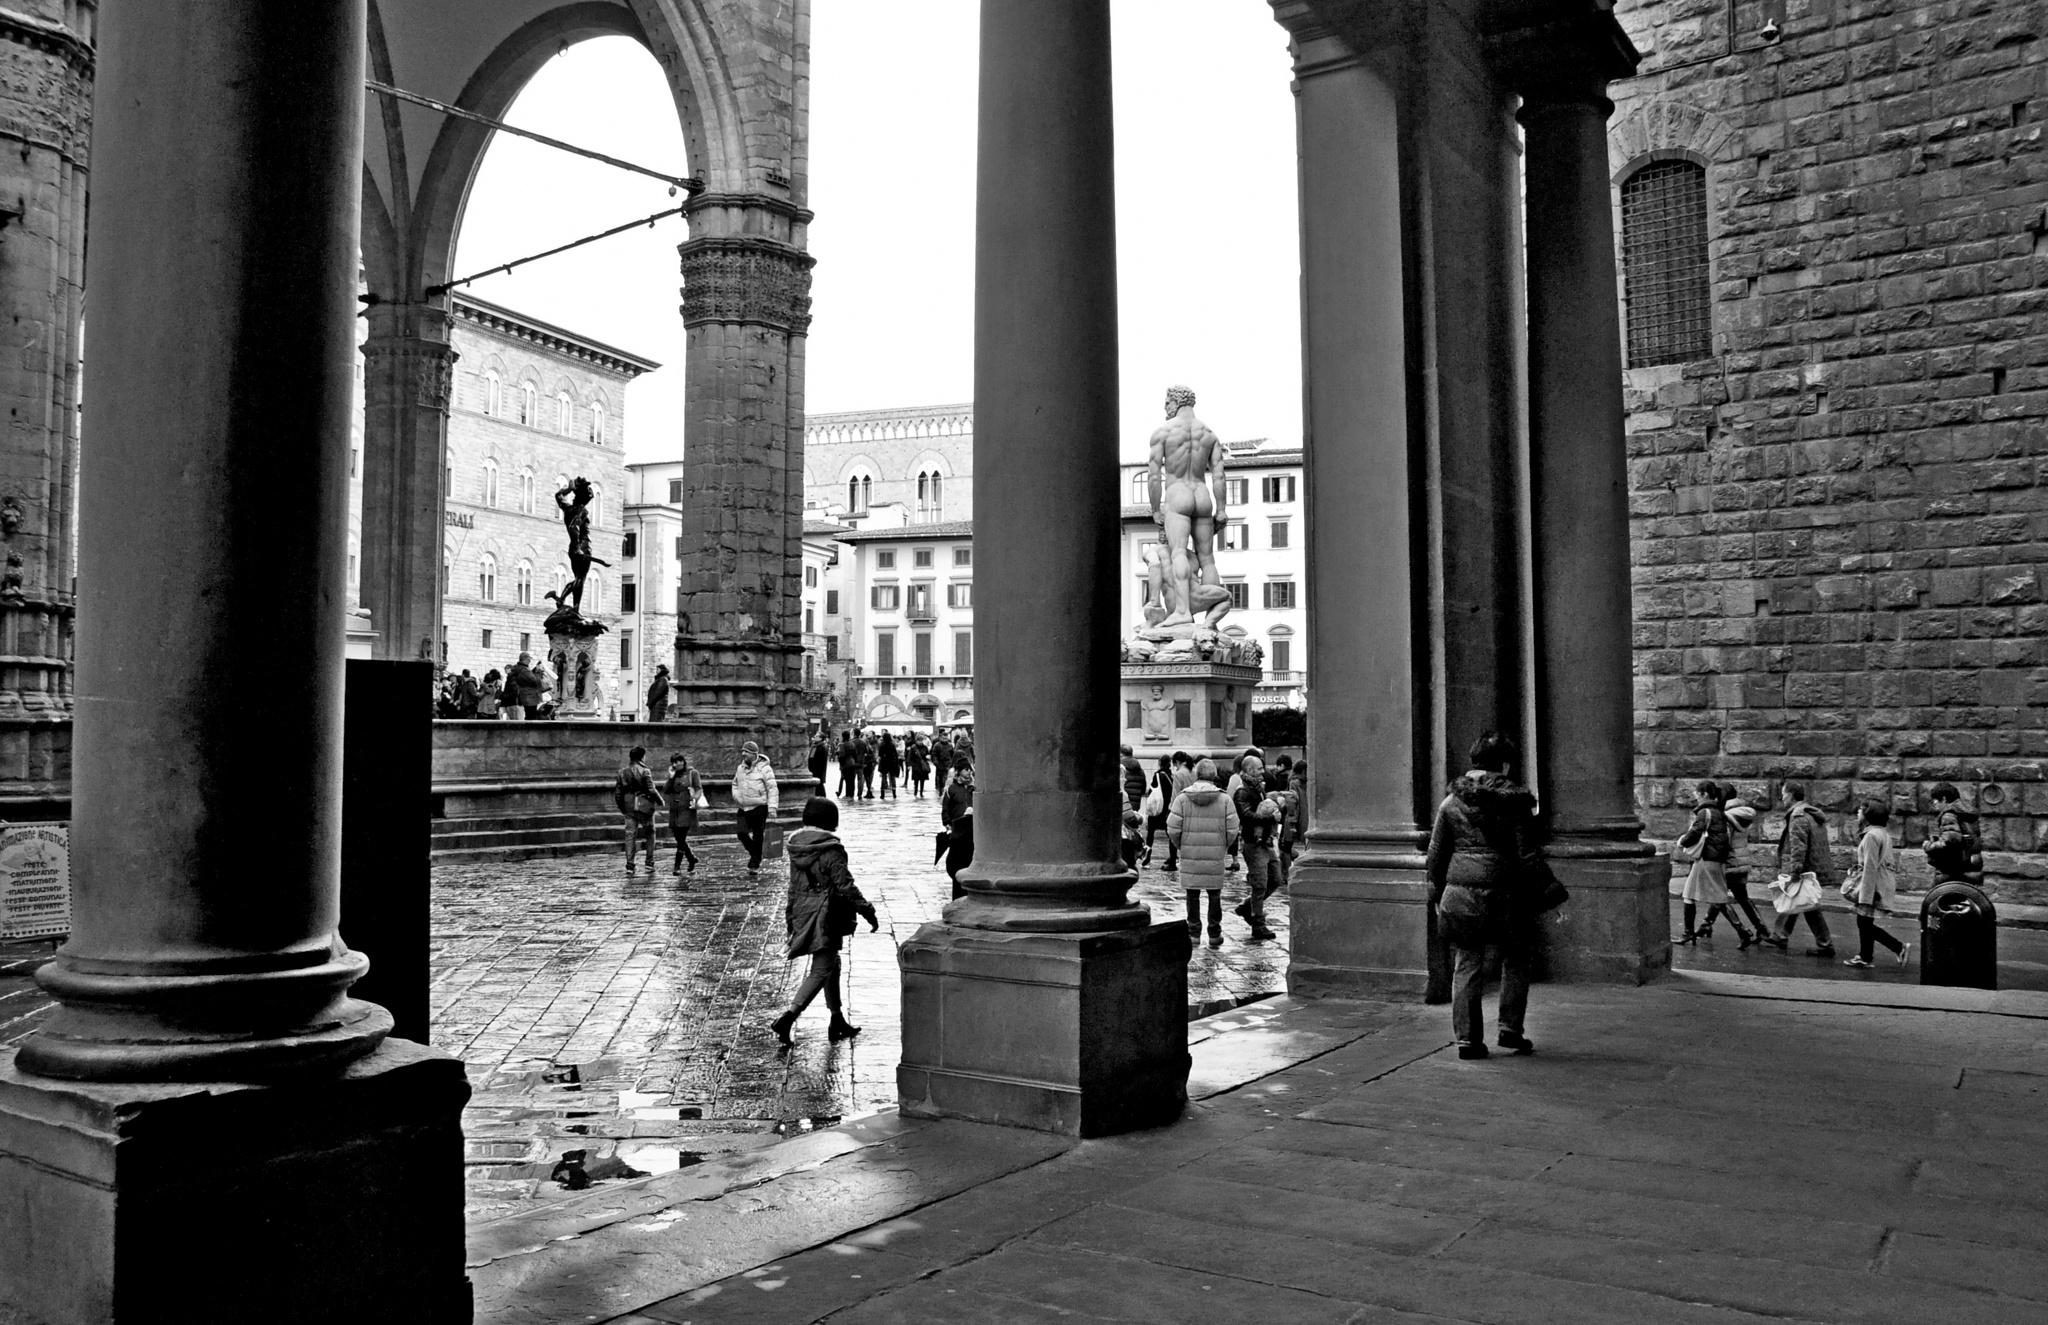 Piazza della Signoria by Moreno Ferri